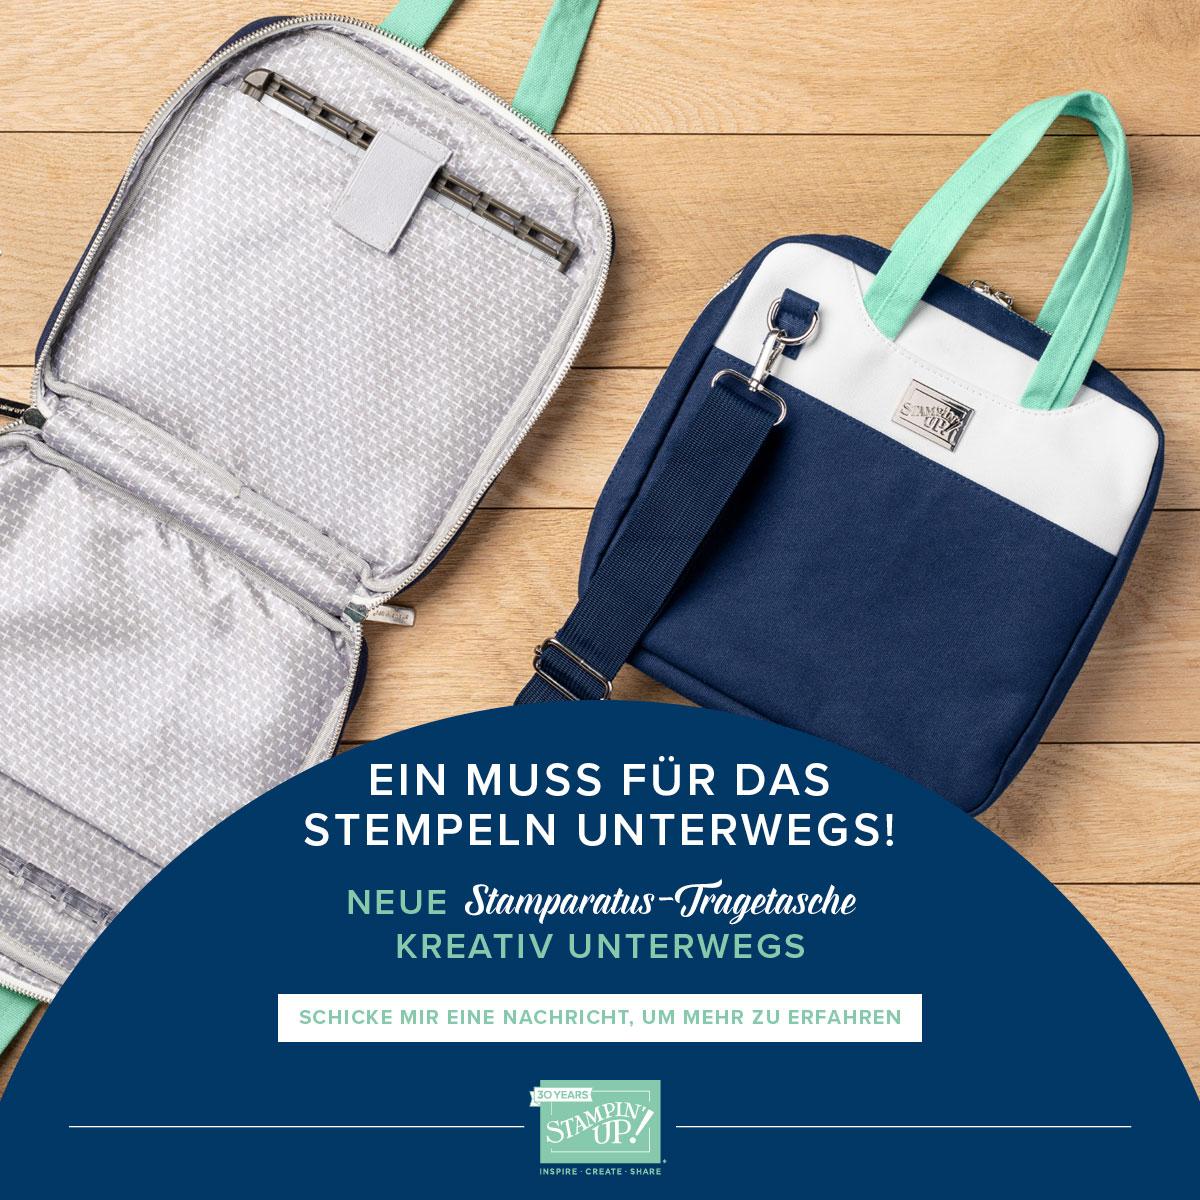 die Stamparatus-Tasche - ein Muss !